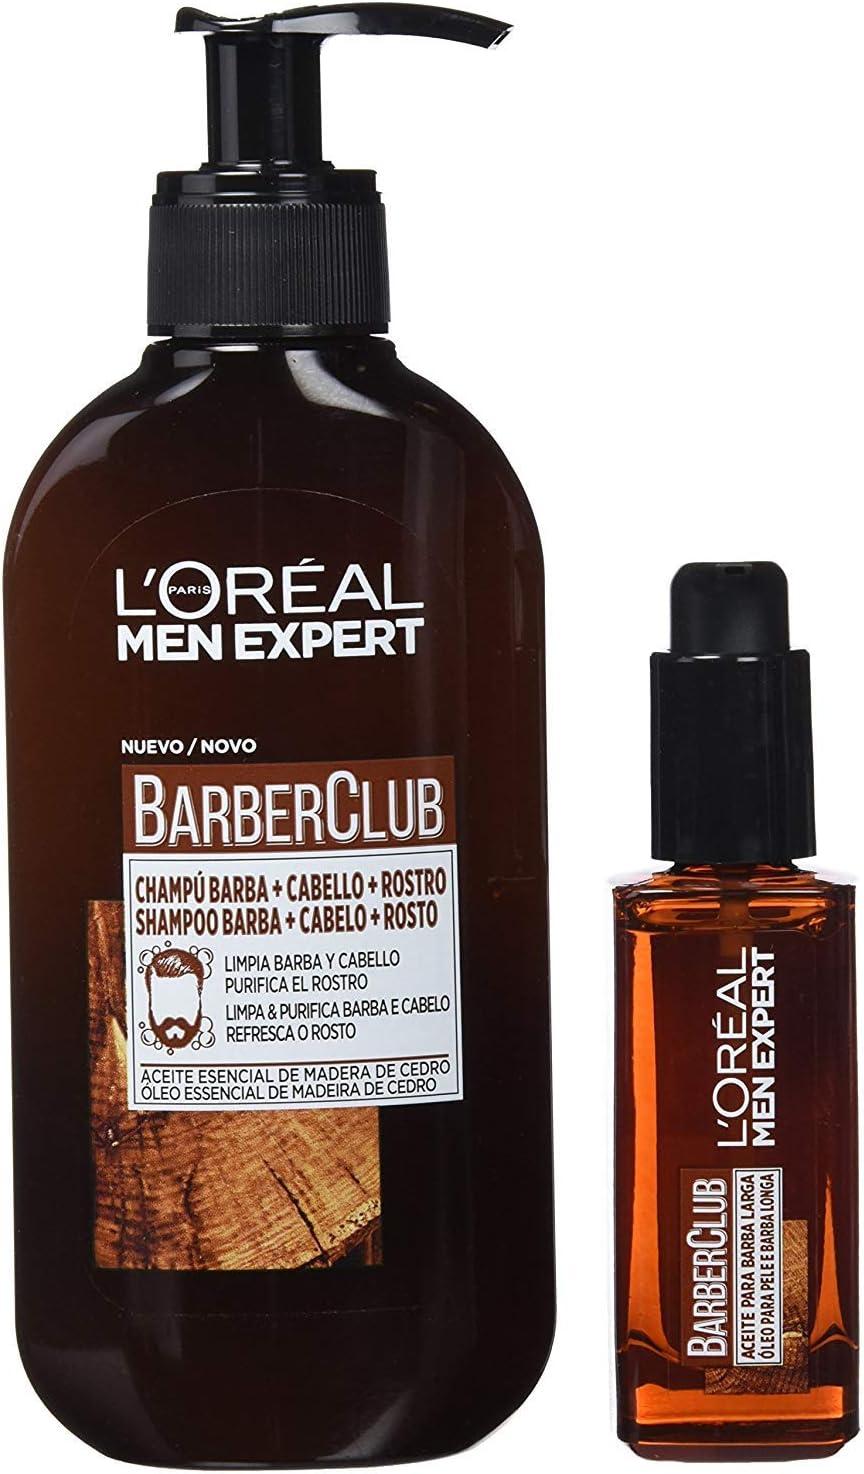 LOréal Paris Men Expert Kit Barber Club, Champú 3 en 1 y Aceite para barba: Amazon.es: Belleza